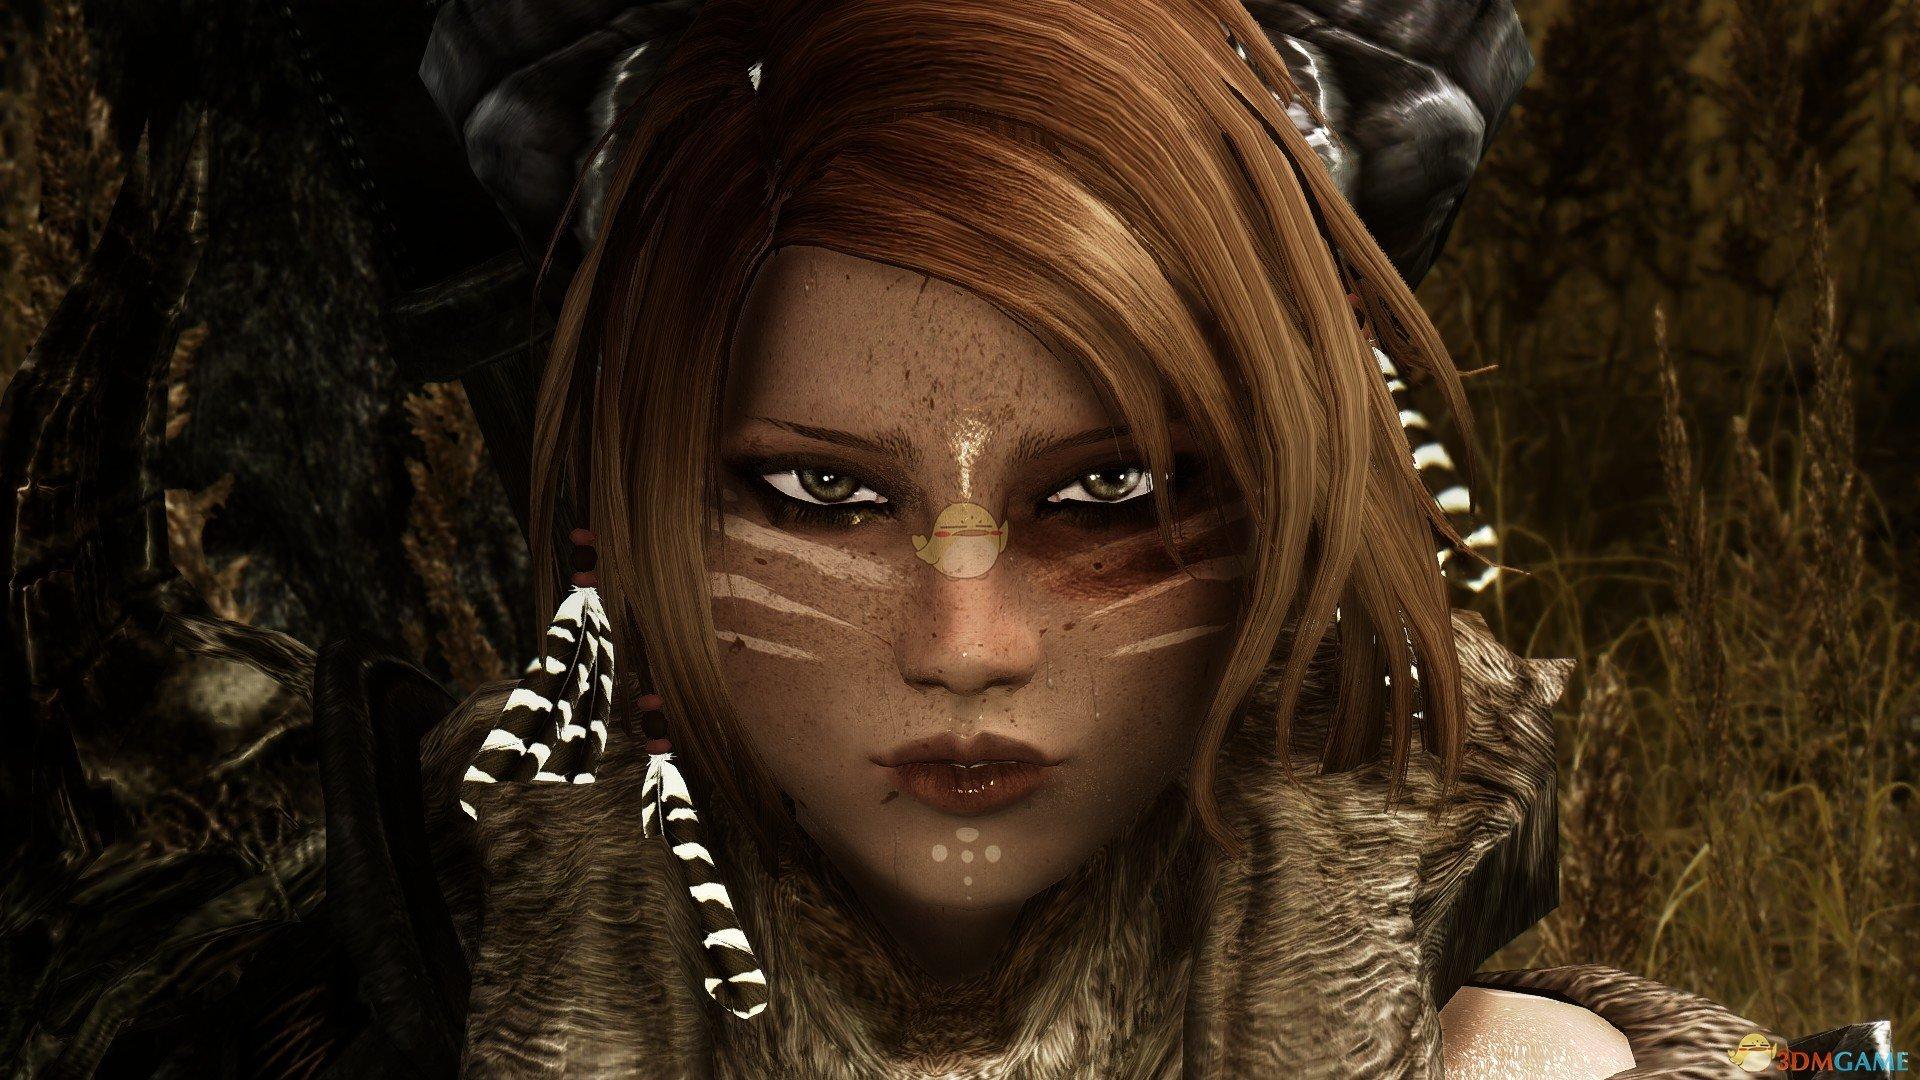 《上古卷轴5:天际重置版》Leijona性感野蛮人女性随从MOD